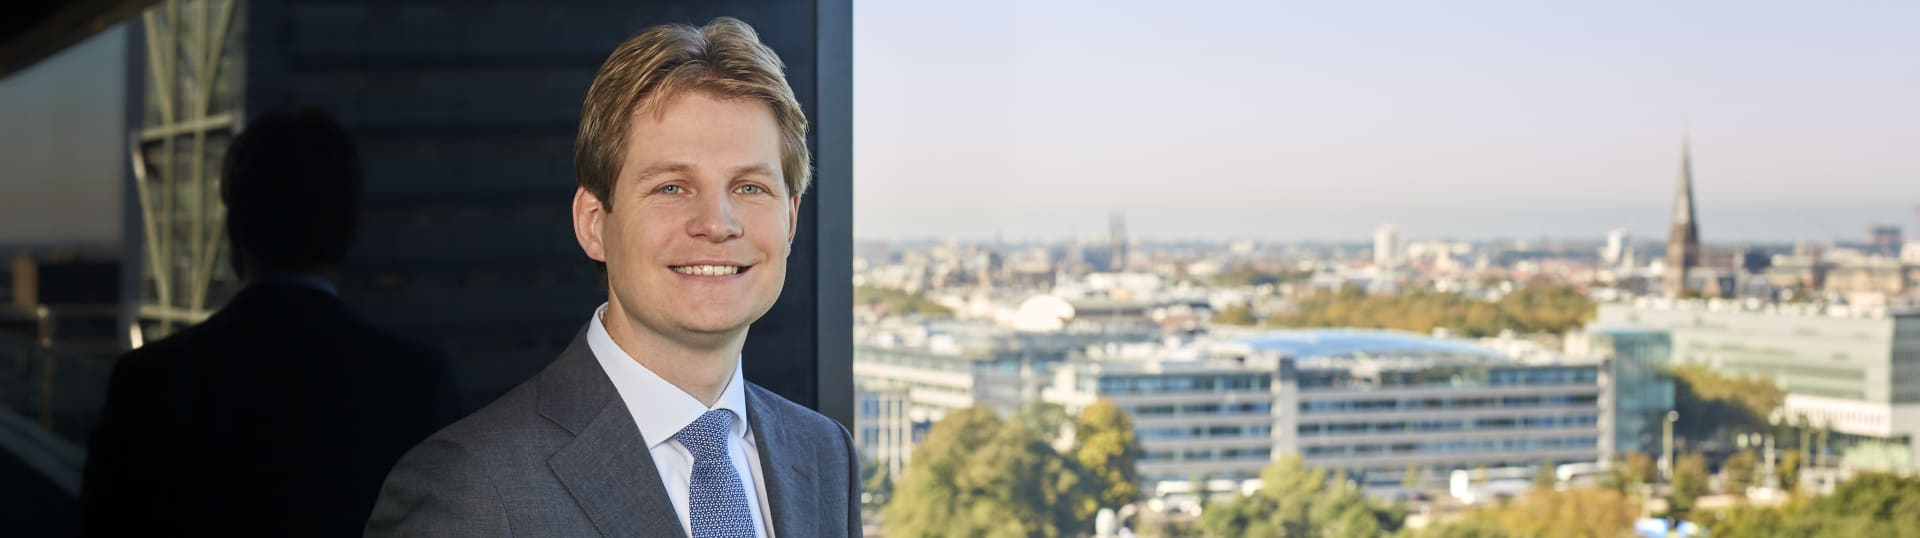 Thijs Franssen, advocaat Pels Rijcken